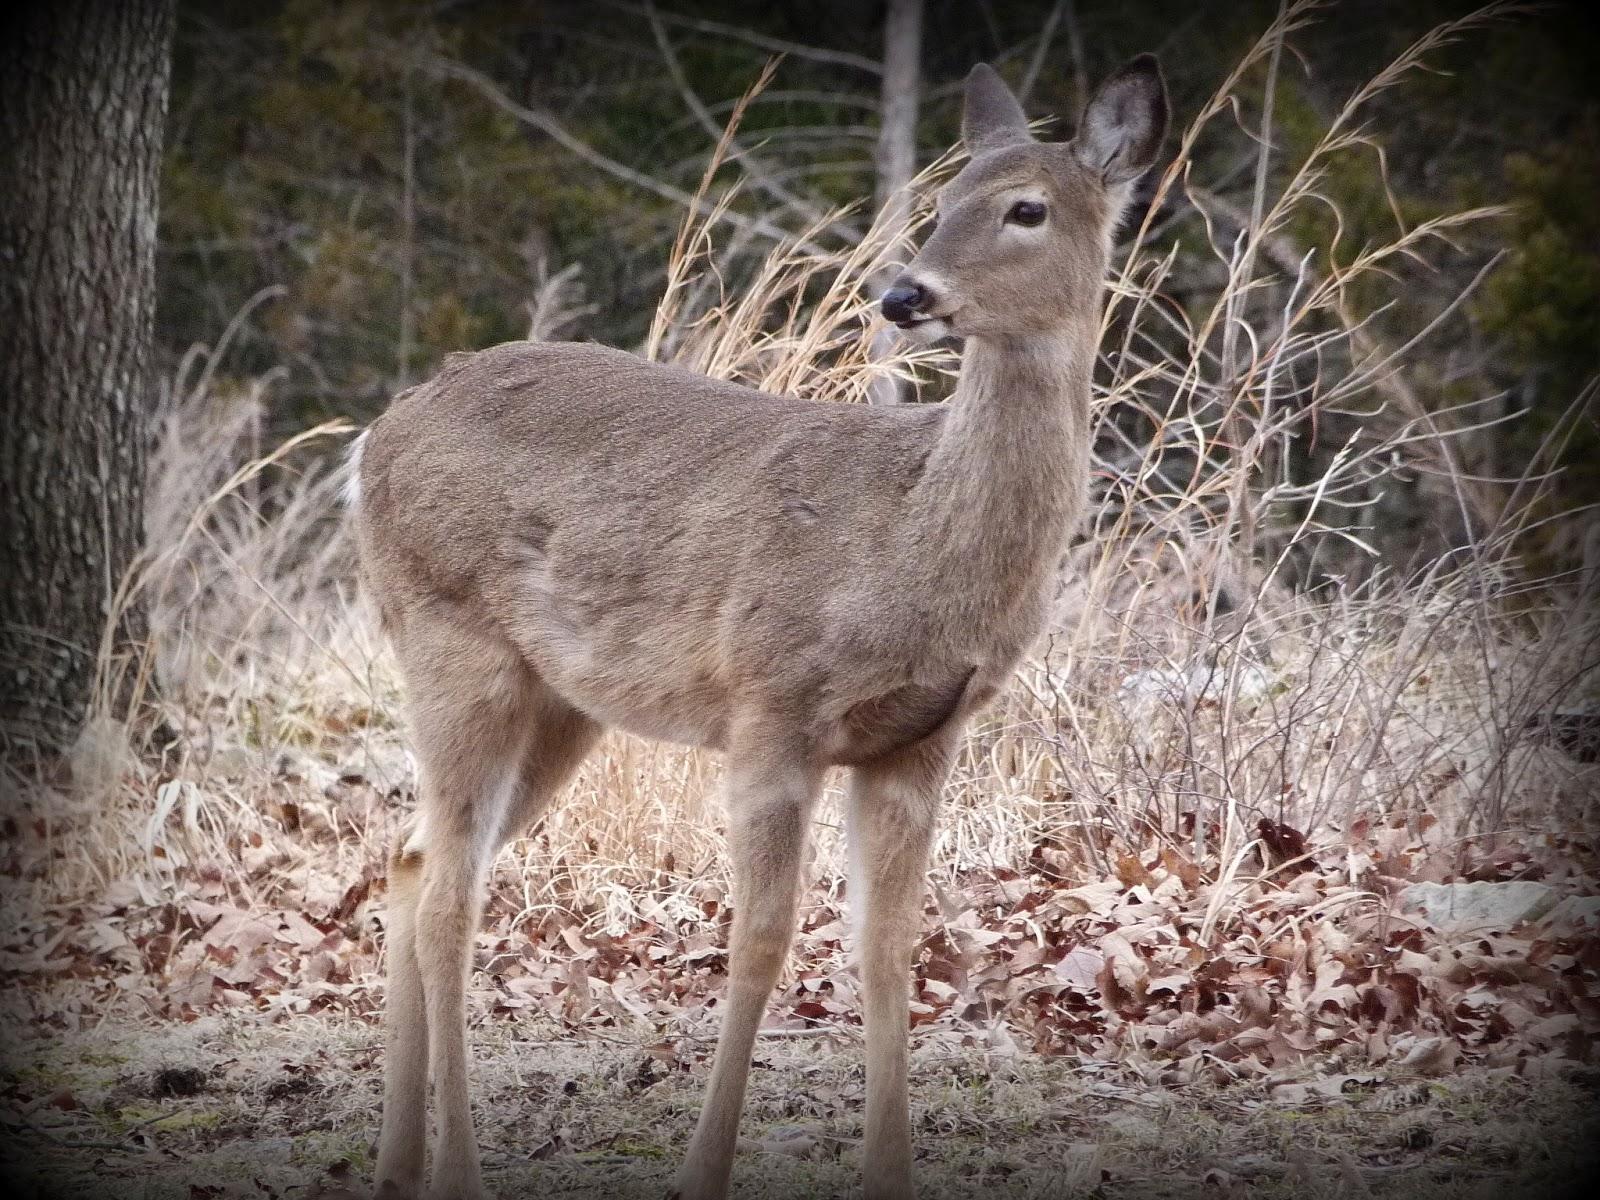 CHMusings: Oh deer, a baby bump